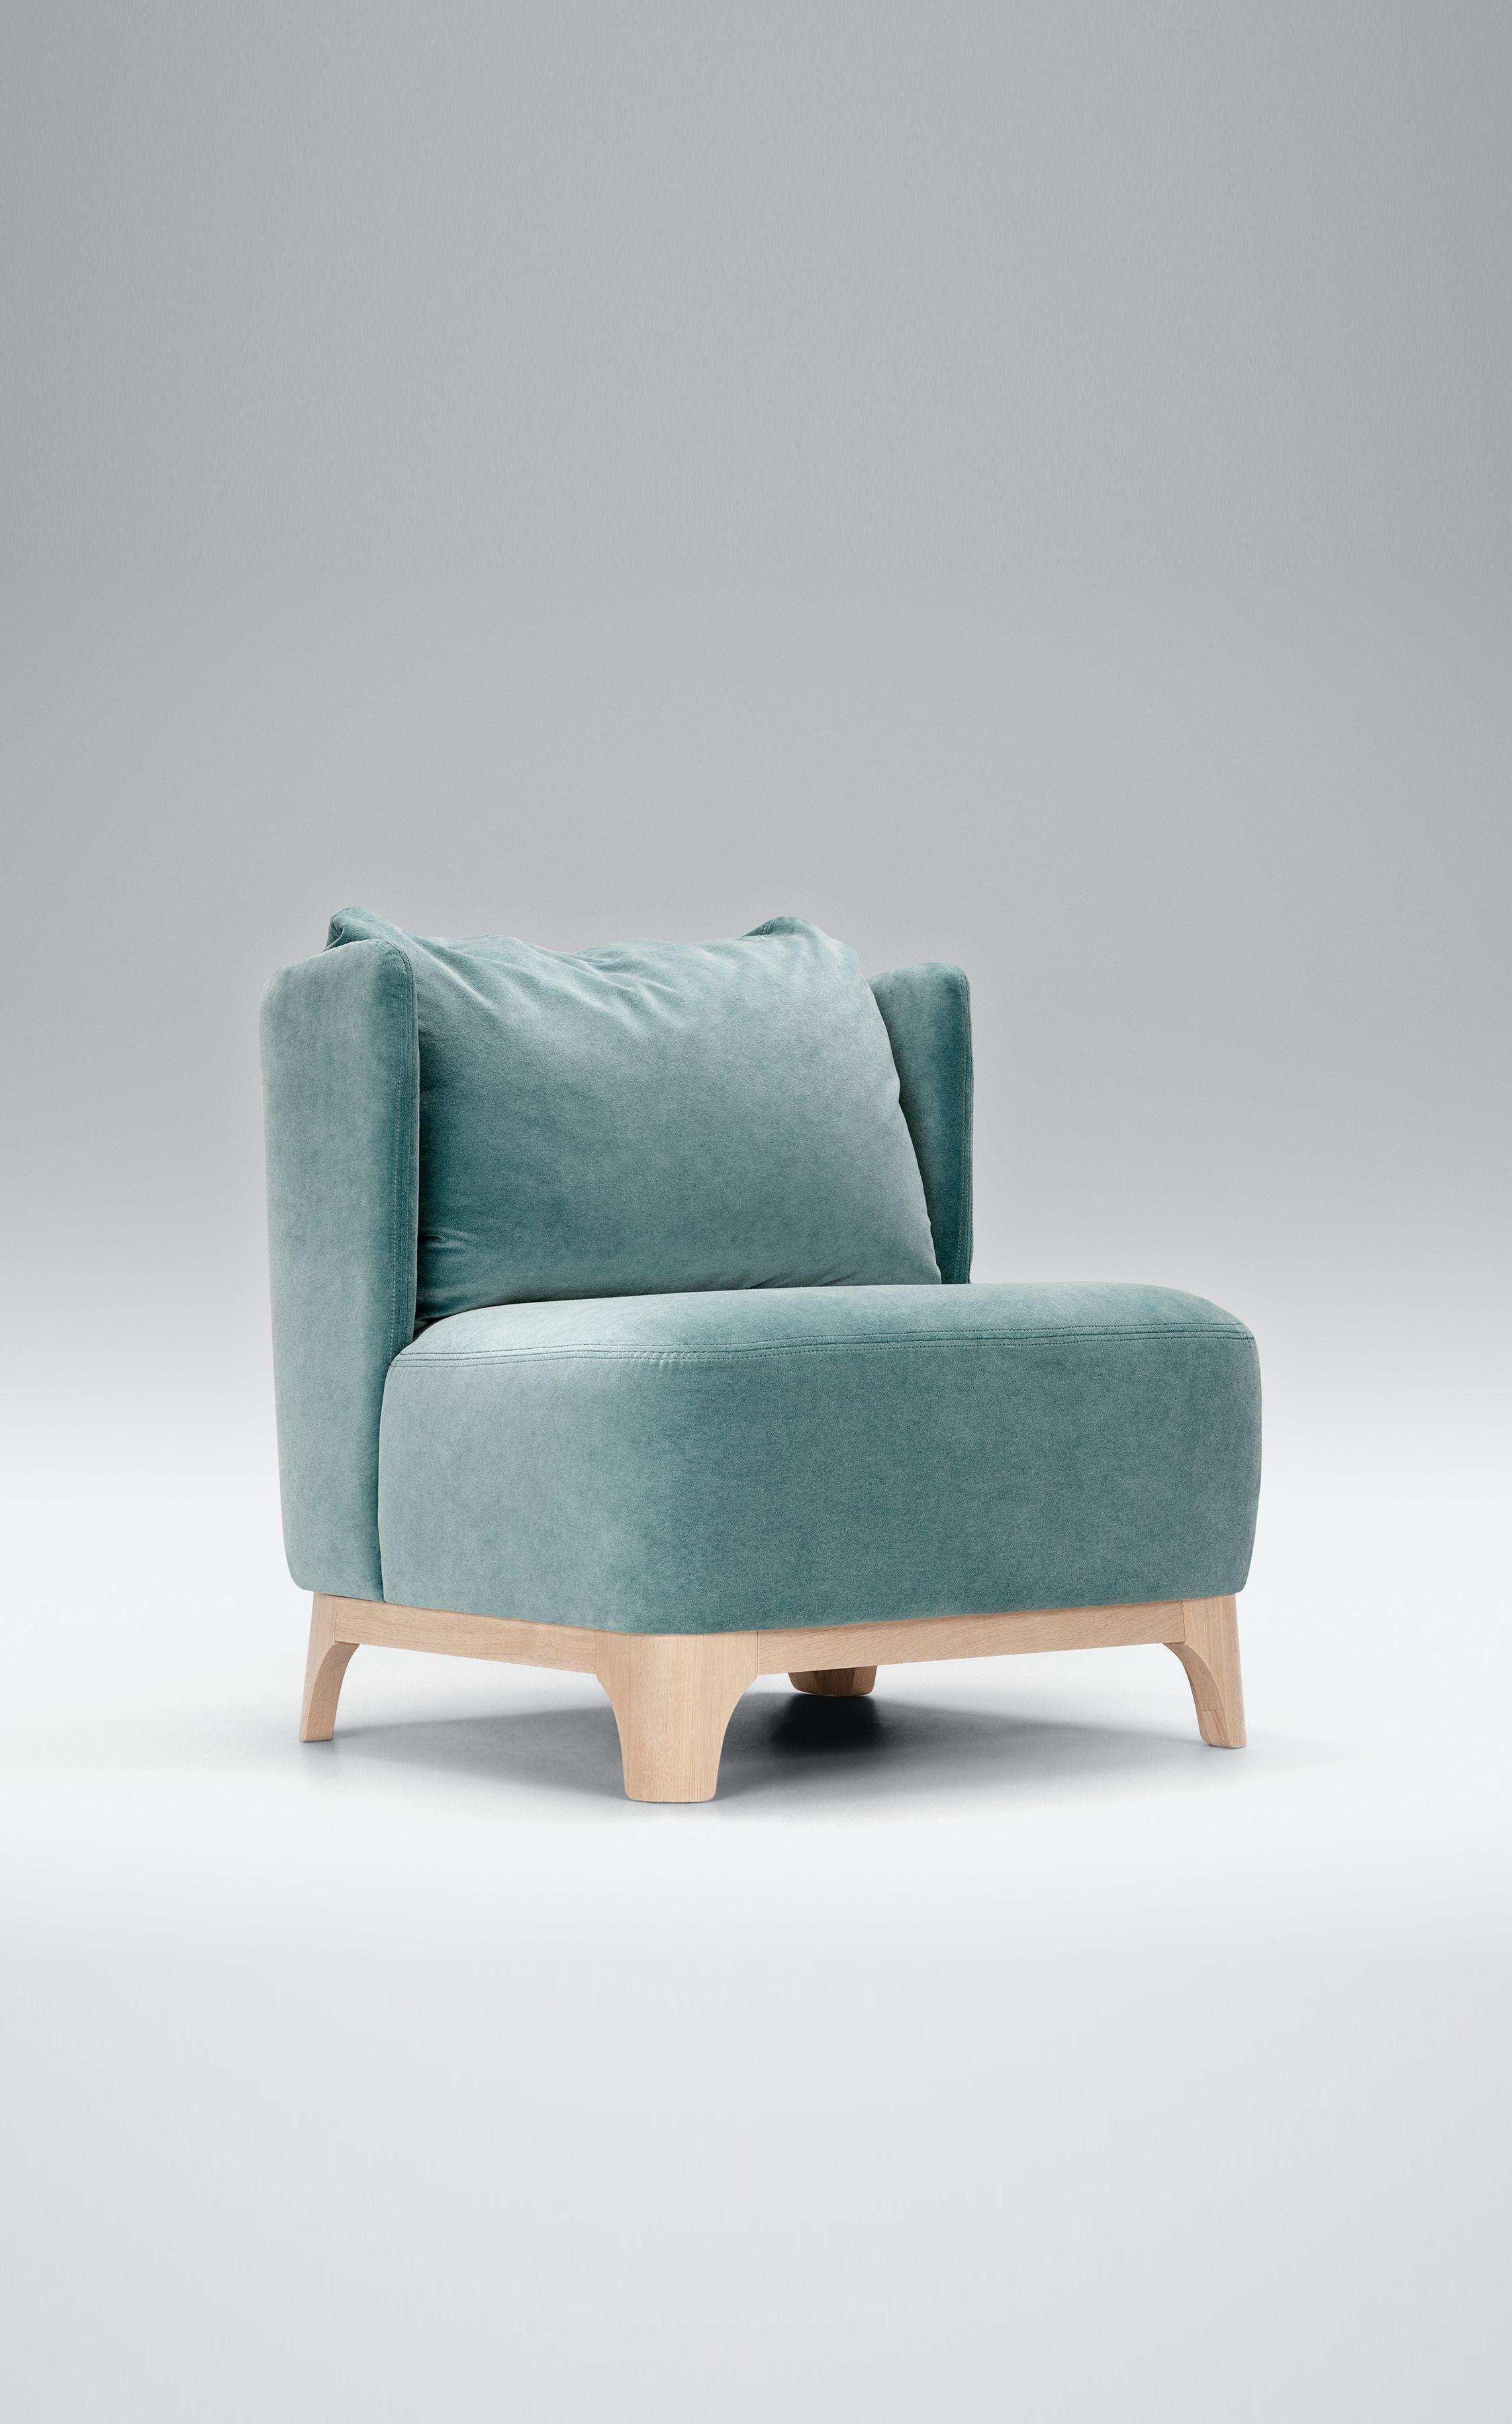 Fotel Alma Sits Euforma Unique Furniture Furniture Love Seat